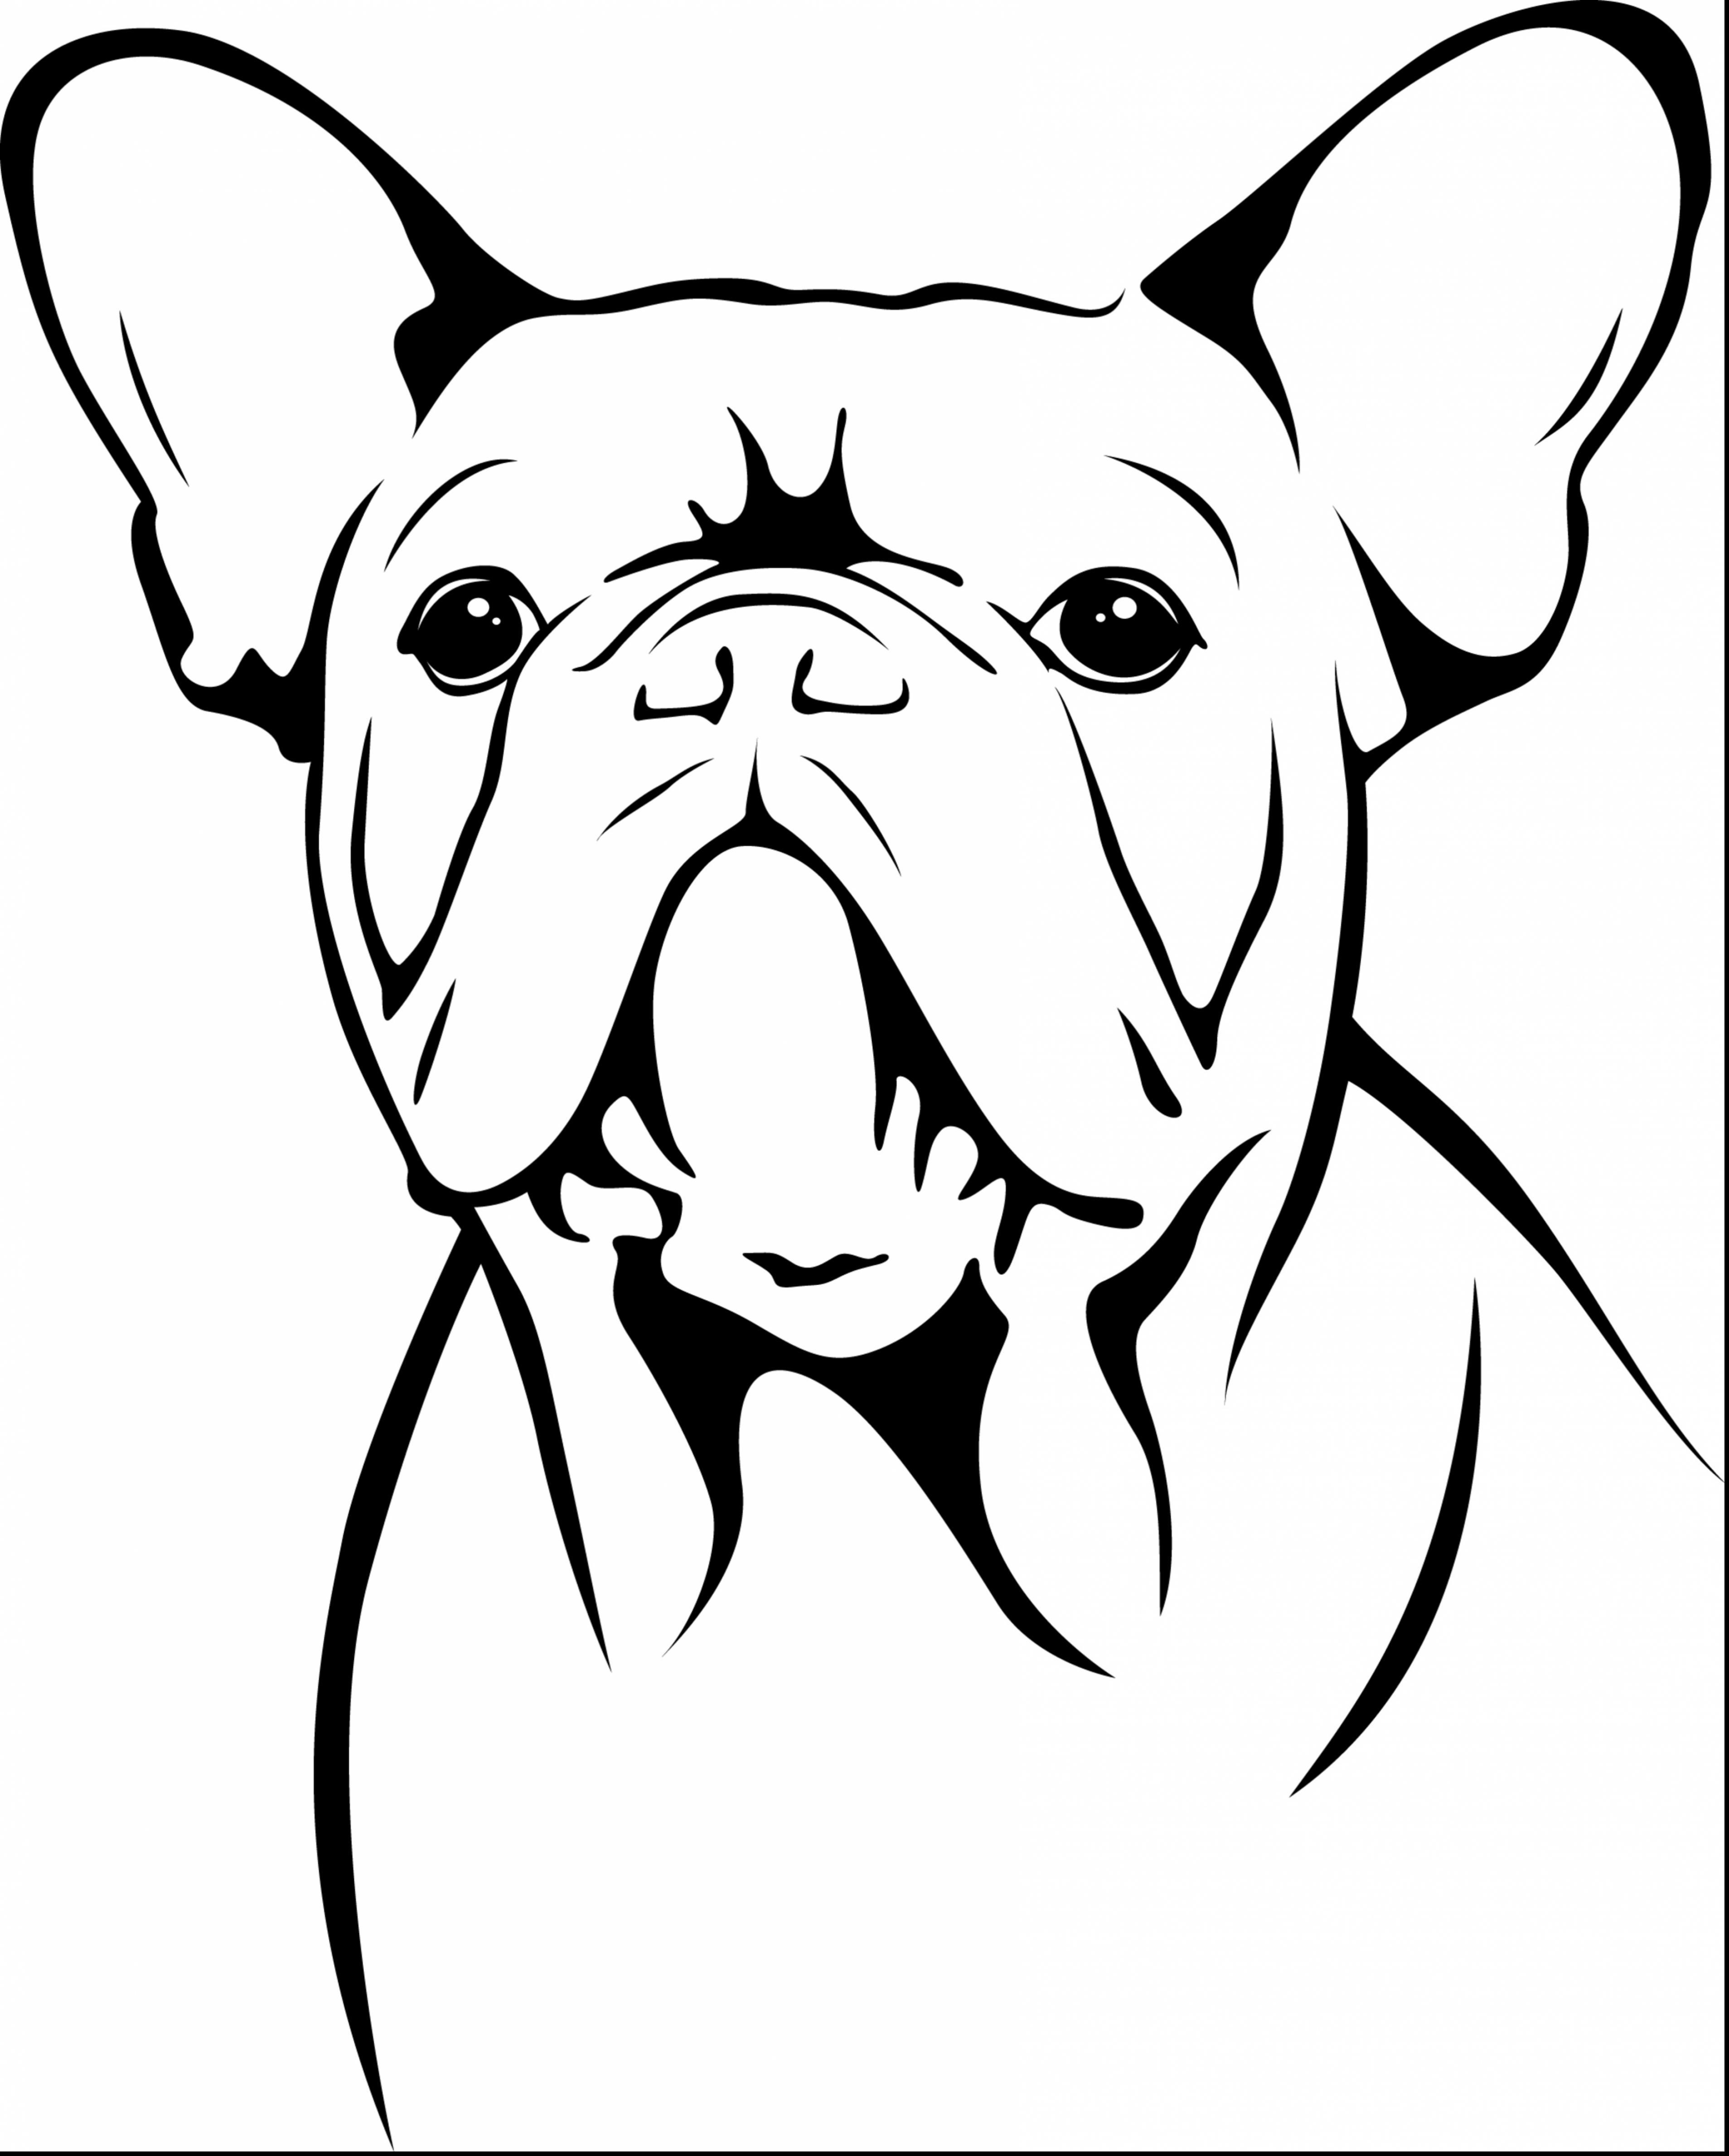 American Bulldog Drawing at GetDrawings.com | Free for ...